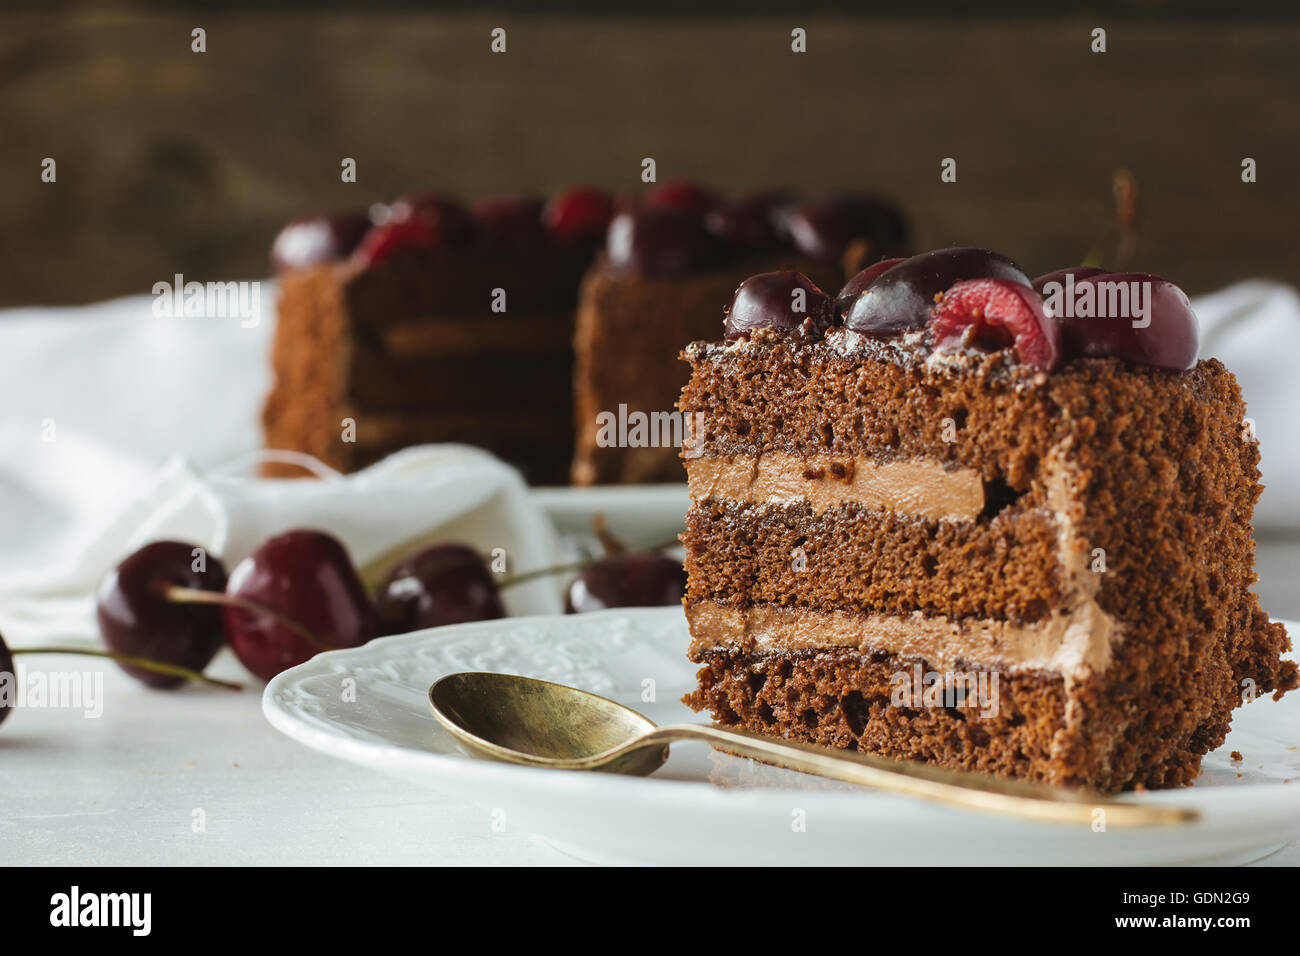 Trozo de tarta de chocolate con bayas enfoque selectivo Imagen De Stock